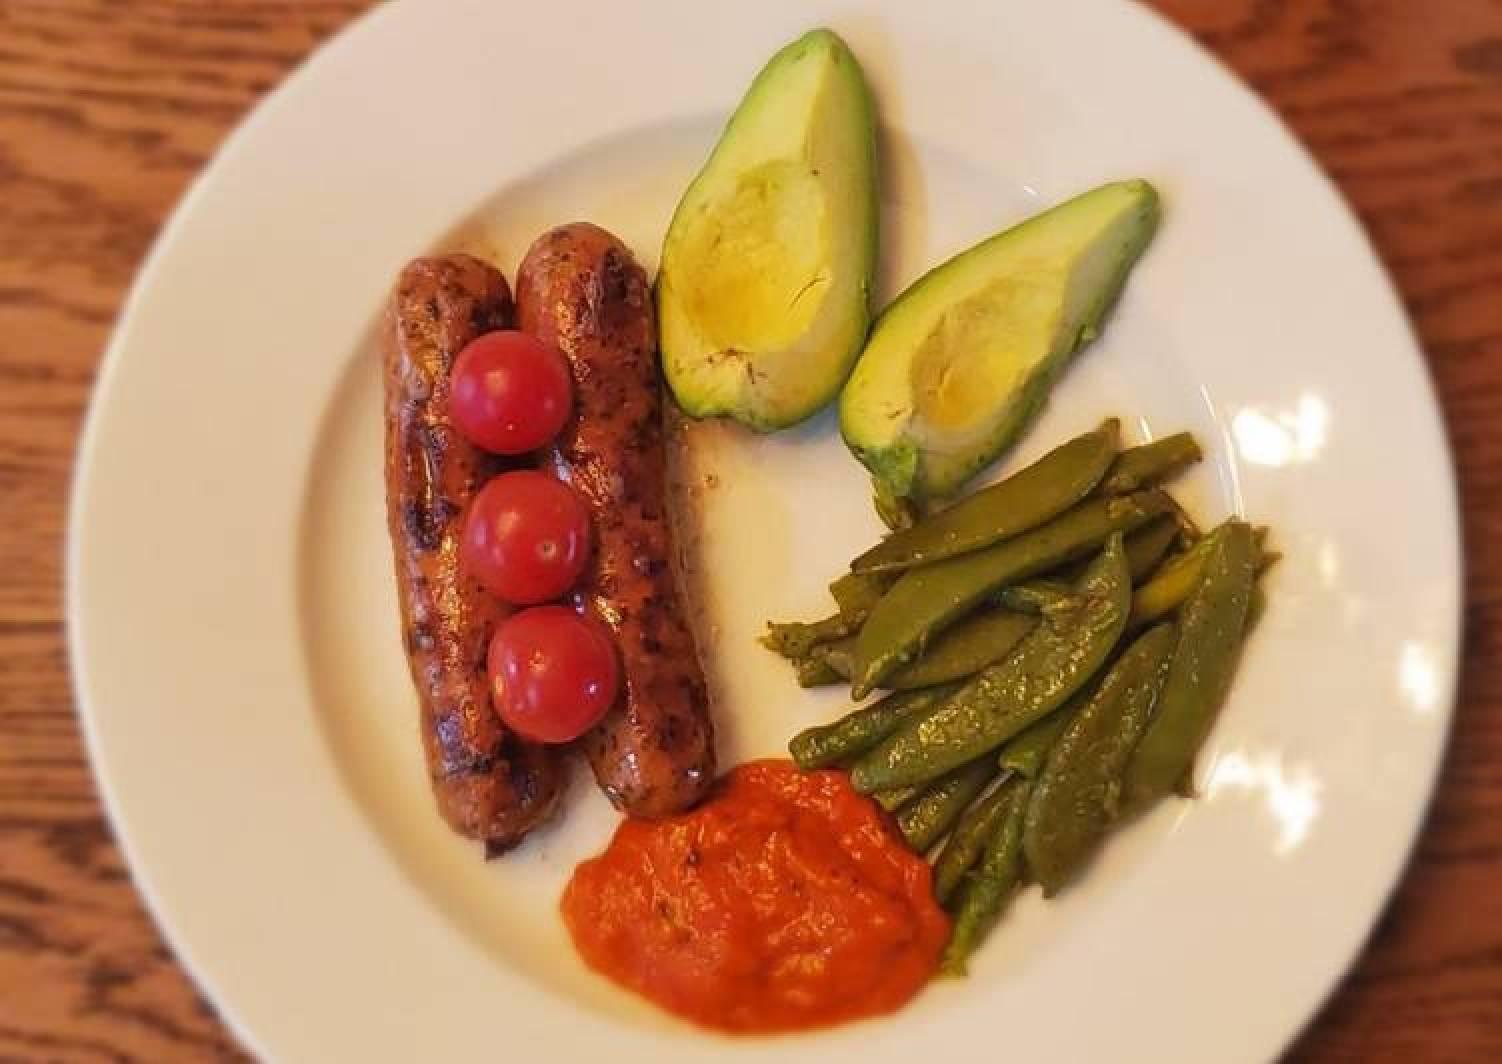 Kielbasa with asparagus and snap peas